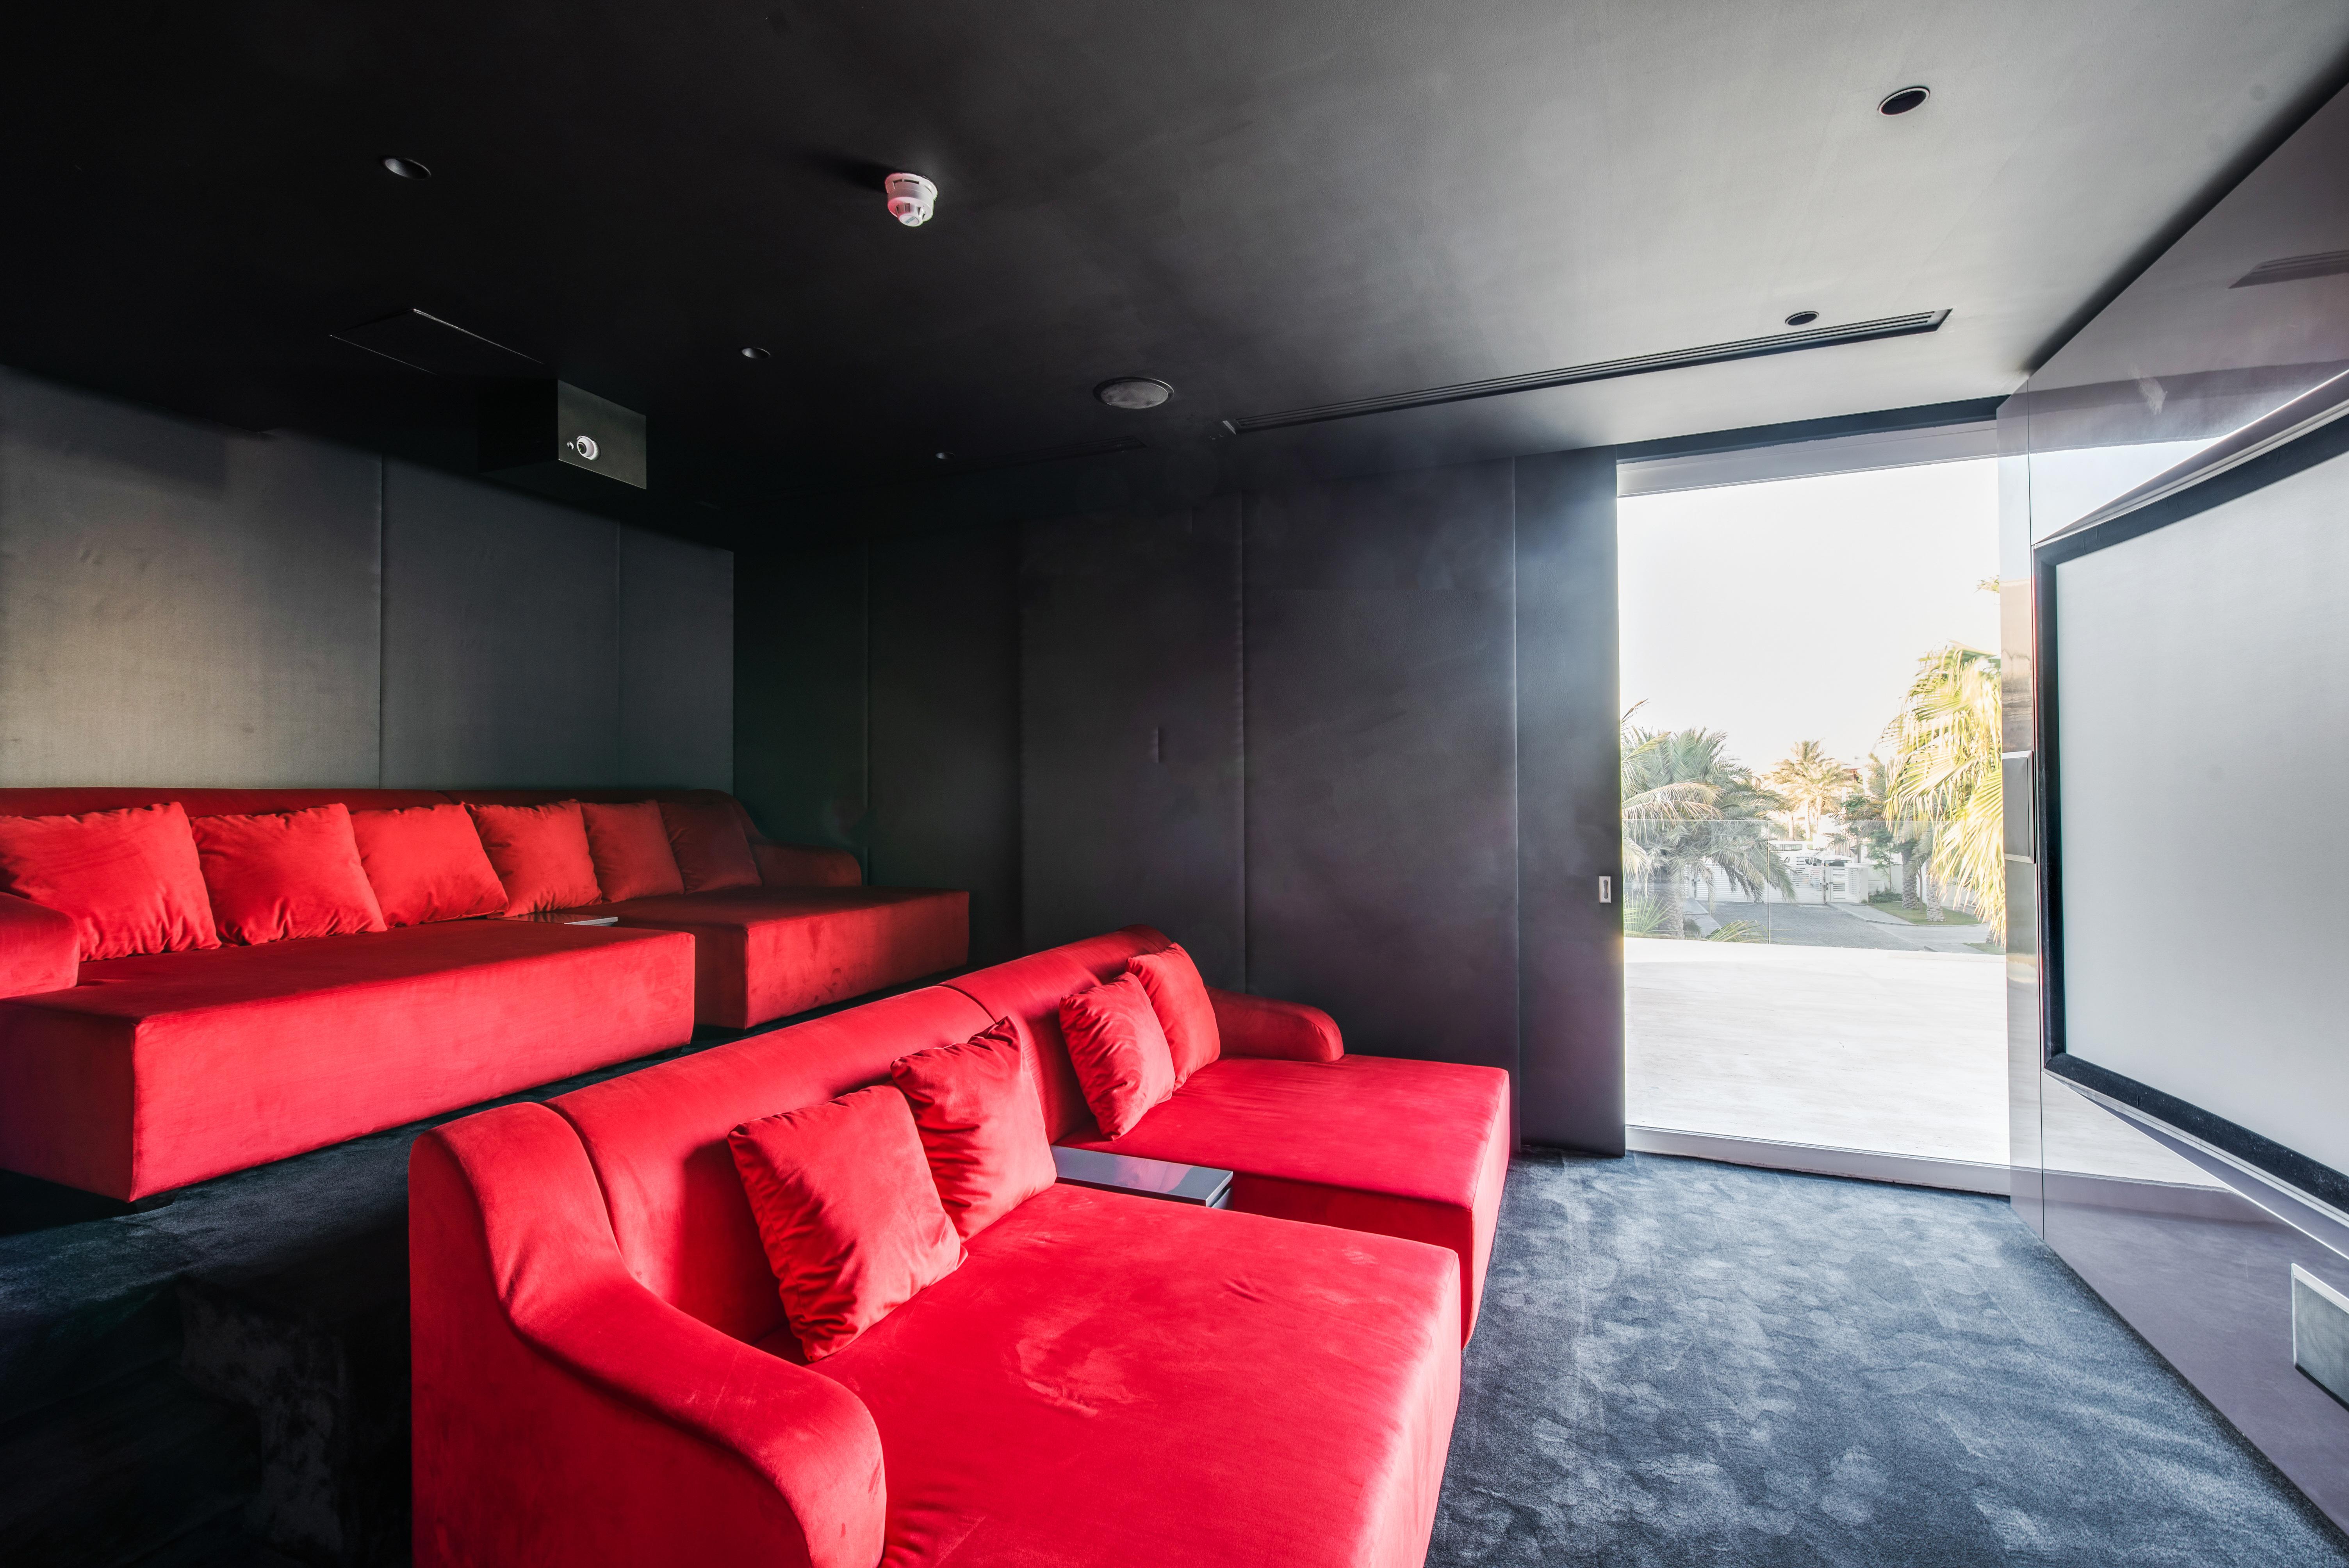 Cinema Room Luxury